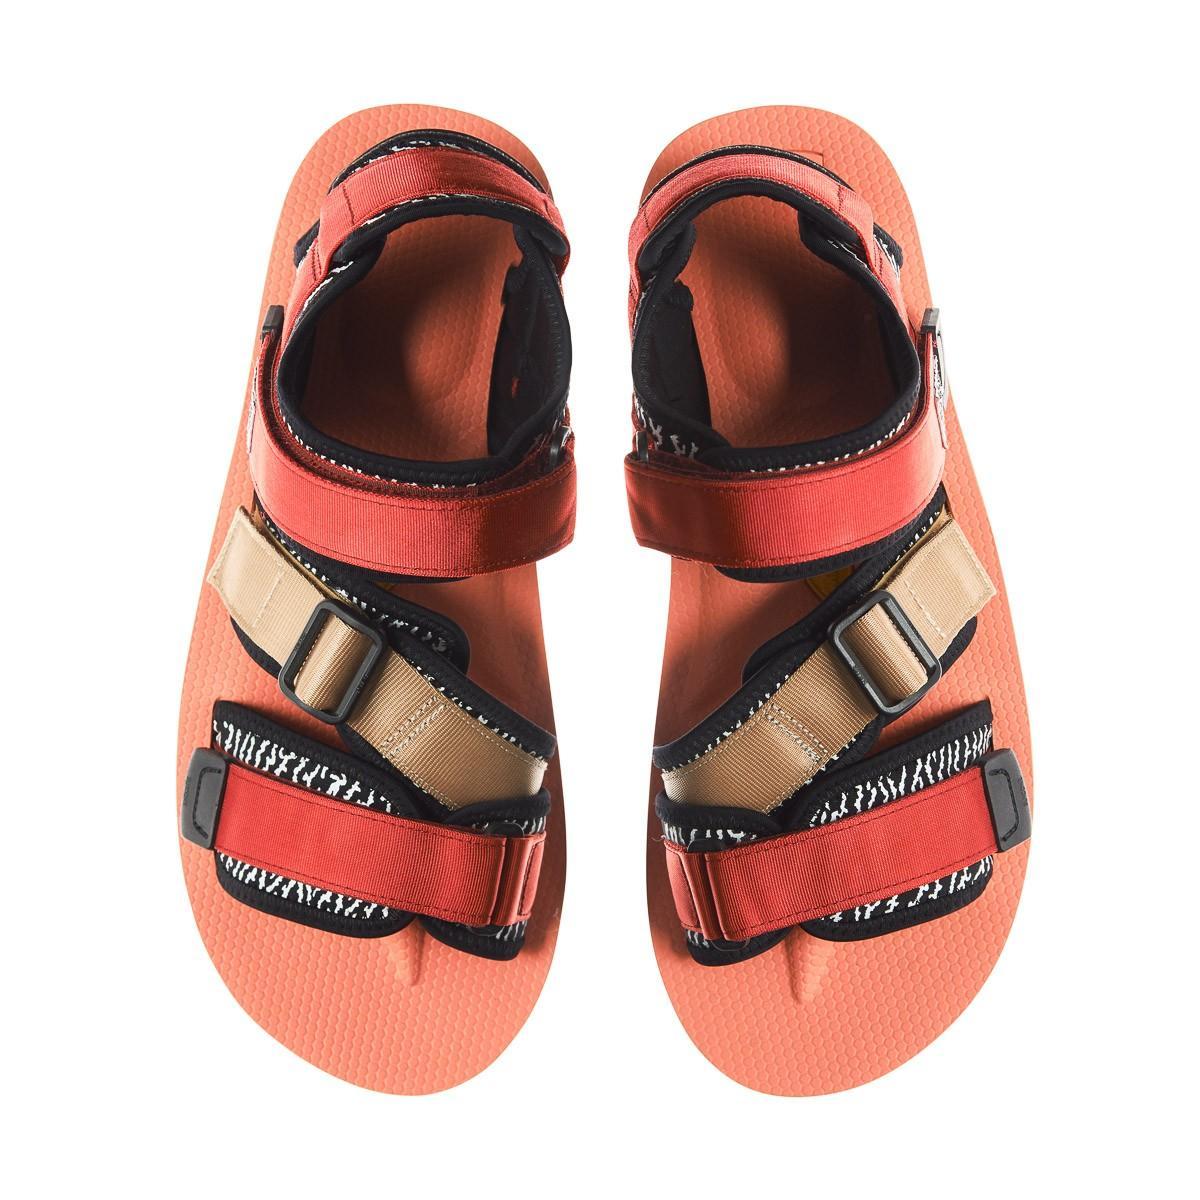 66f17dccb724 Suicoke Slam Jam X Suicoke Kisee V Sandals